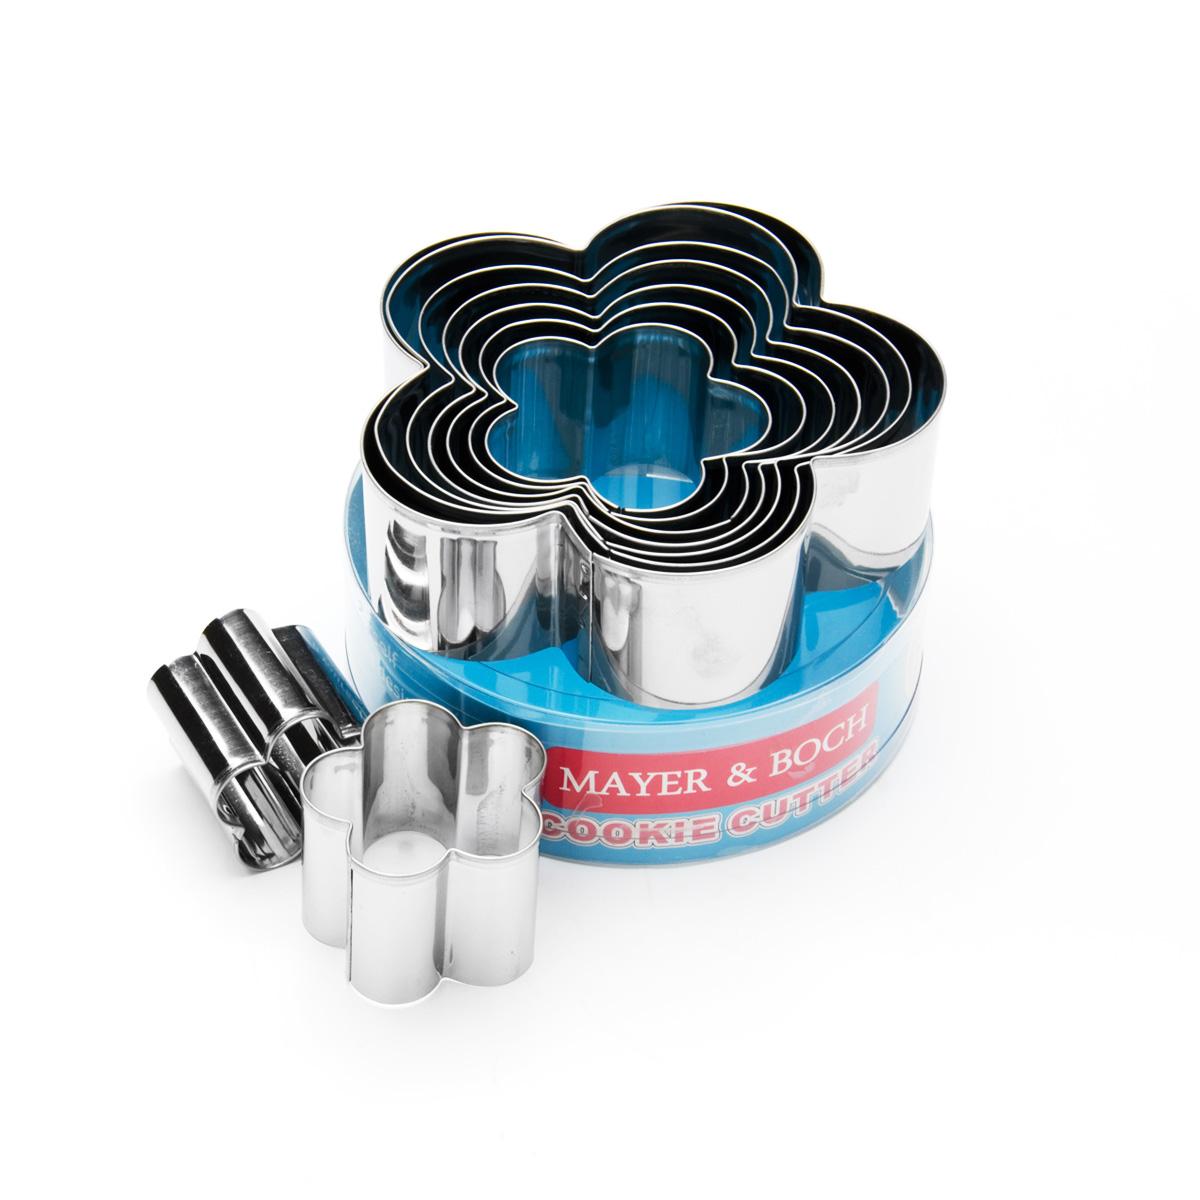 Набор форм для вырезания Mayer & Boch, 9 шт. 2400124001Набор Mayer & Boch состоит из девяти форм для вырезания, выполненных из высококачественной нержавеющей стали. С такими формами для вырезания будет легко сделать забавные украшения и формы для вашего торта или кексов. Просто раскатайте мастику или тесто, и вырезайте! Можно мыть в посудомоечной машине. Диаметр форм: 11,5 см; 10,5 см; 9,5 см; 8,5 см; 7,5 см; 6,5 см; 5,5 см; 4,5 см; 3,5 см.Высота форм: 3,7 см.